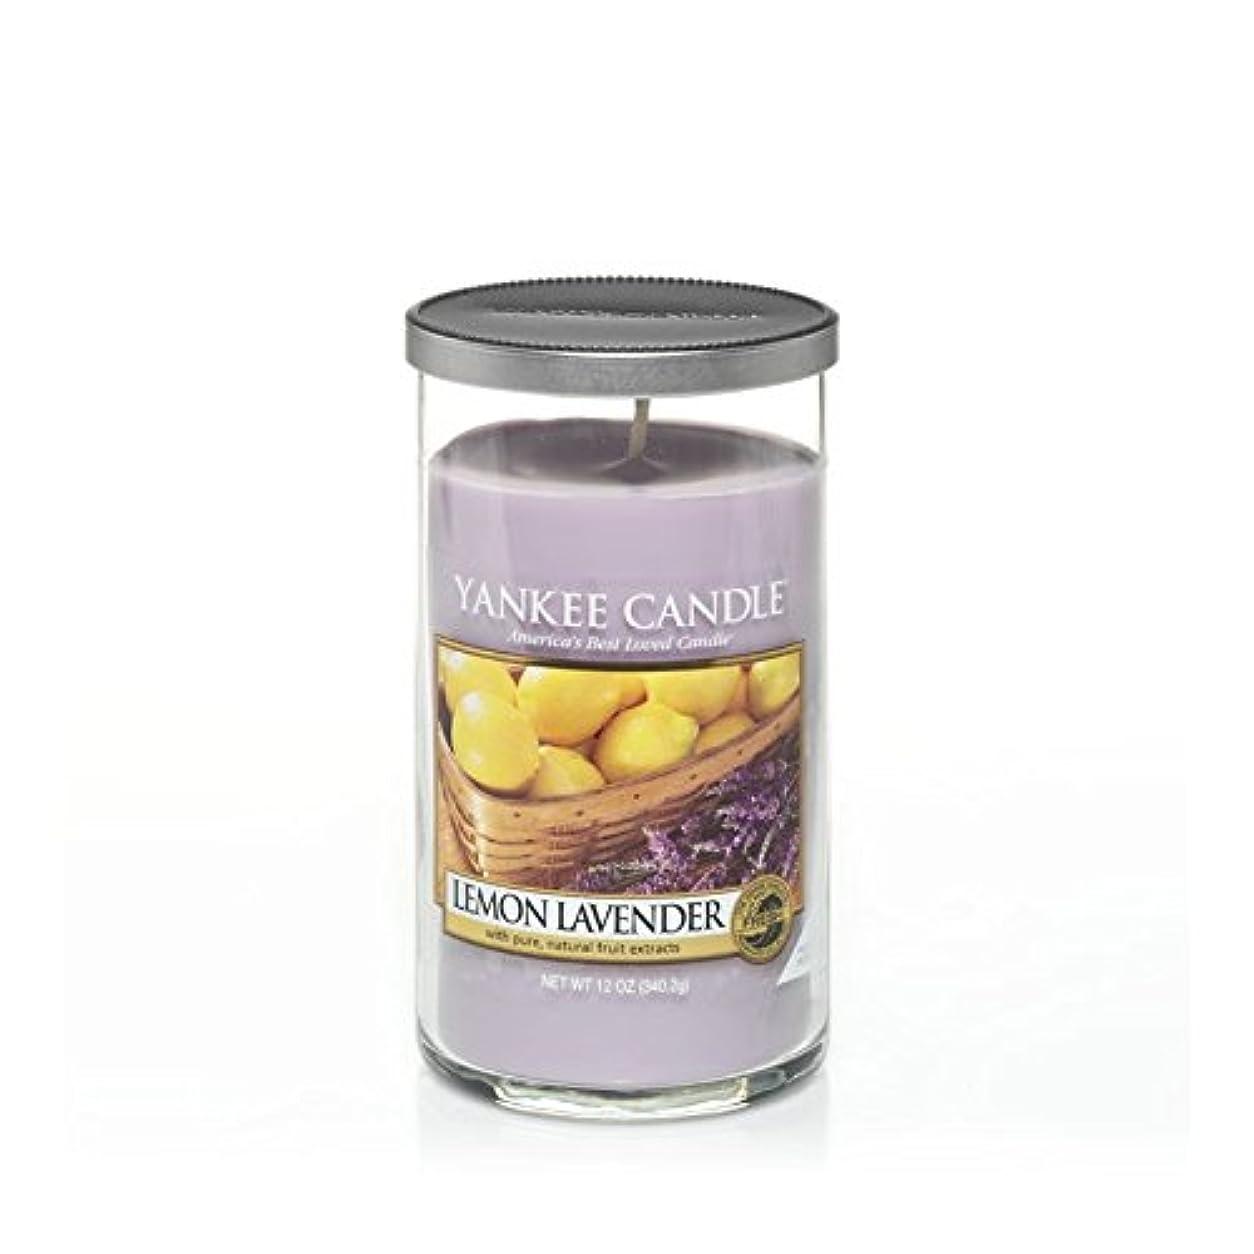 悪質なシソーラス成長するヤンキーキャンドルメディアピラーキャンドル - レモンラベンダー - Yankee Candles Medium Pillar Candle - Lemon Lavender (Yankee Candles) [並行輸入品]